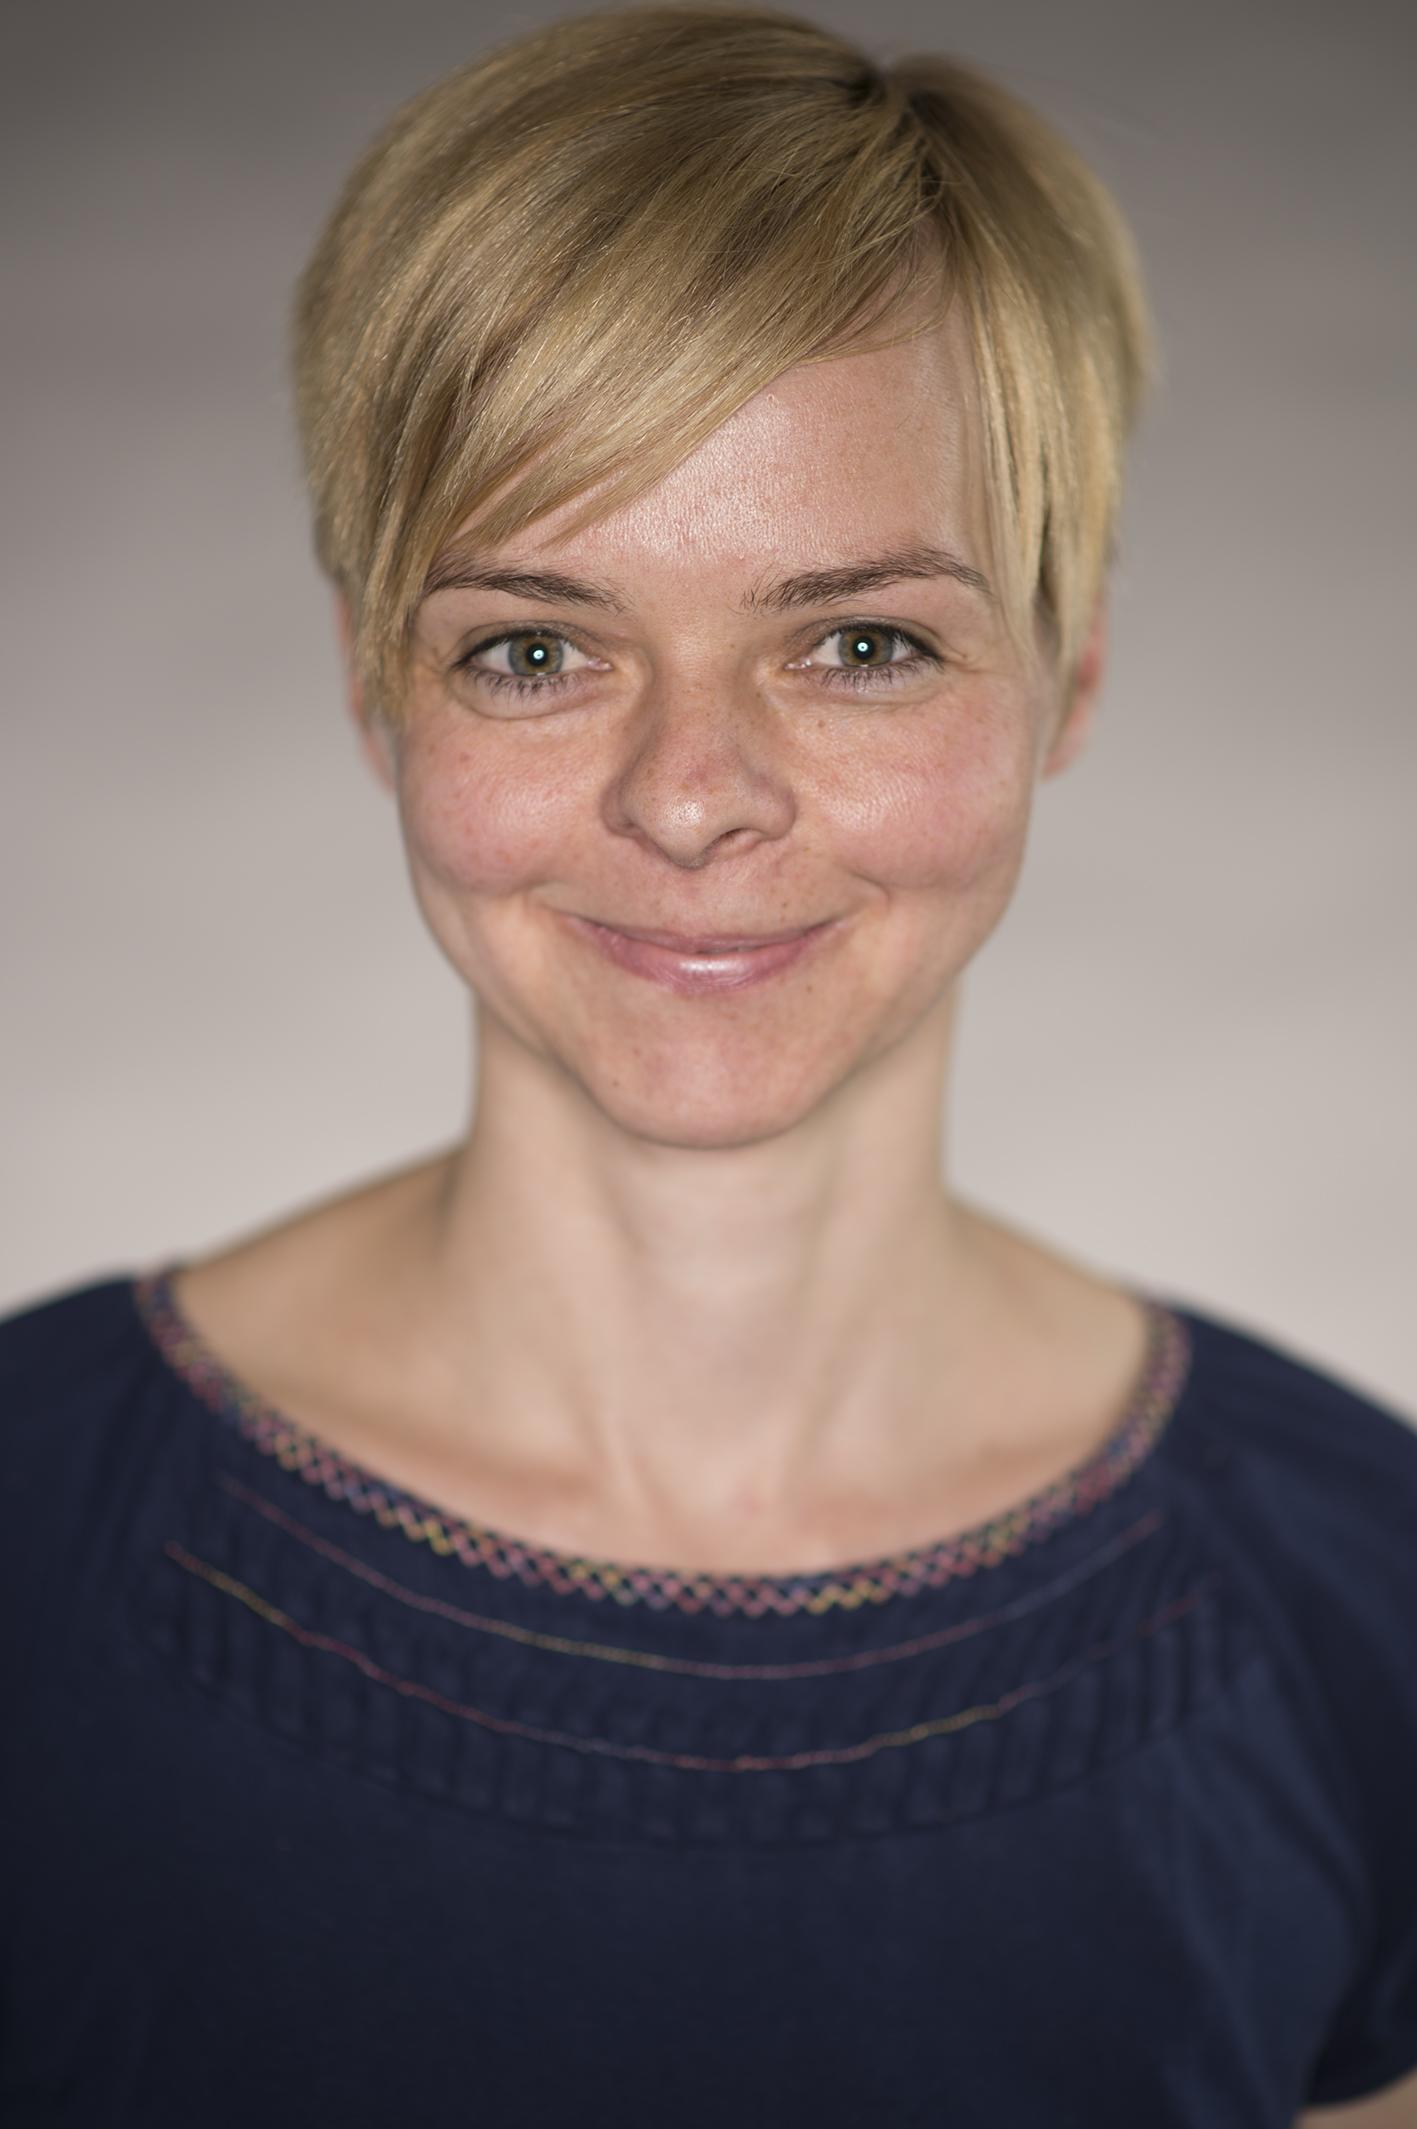 Sarah Heinke